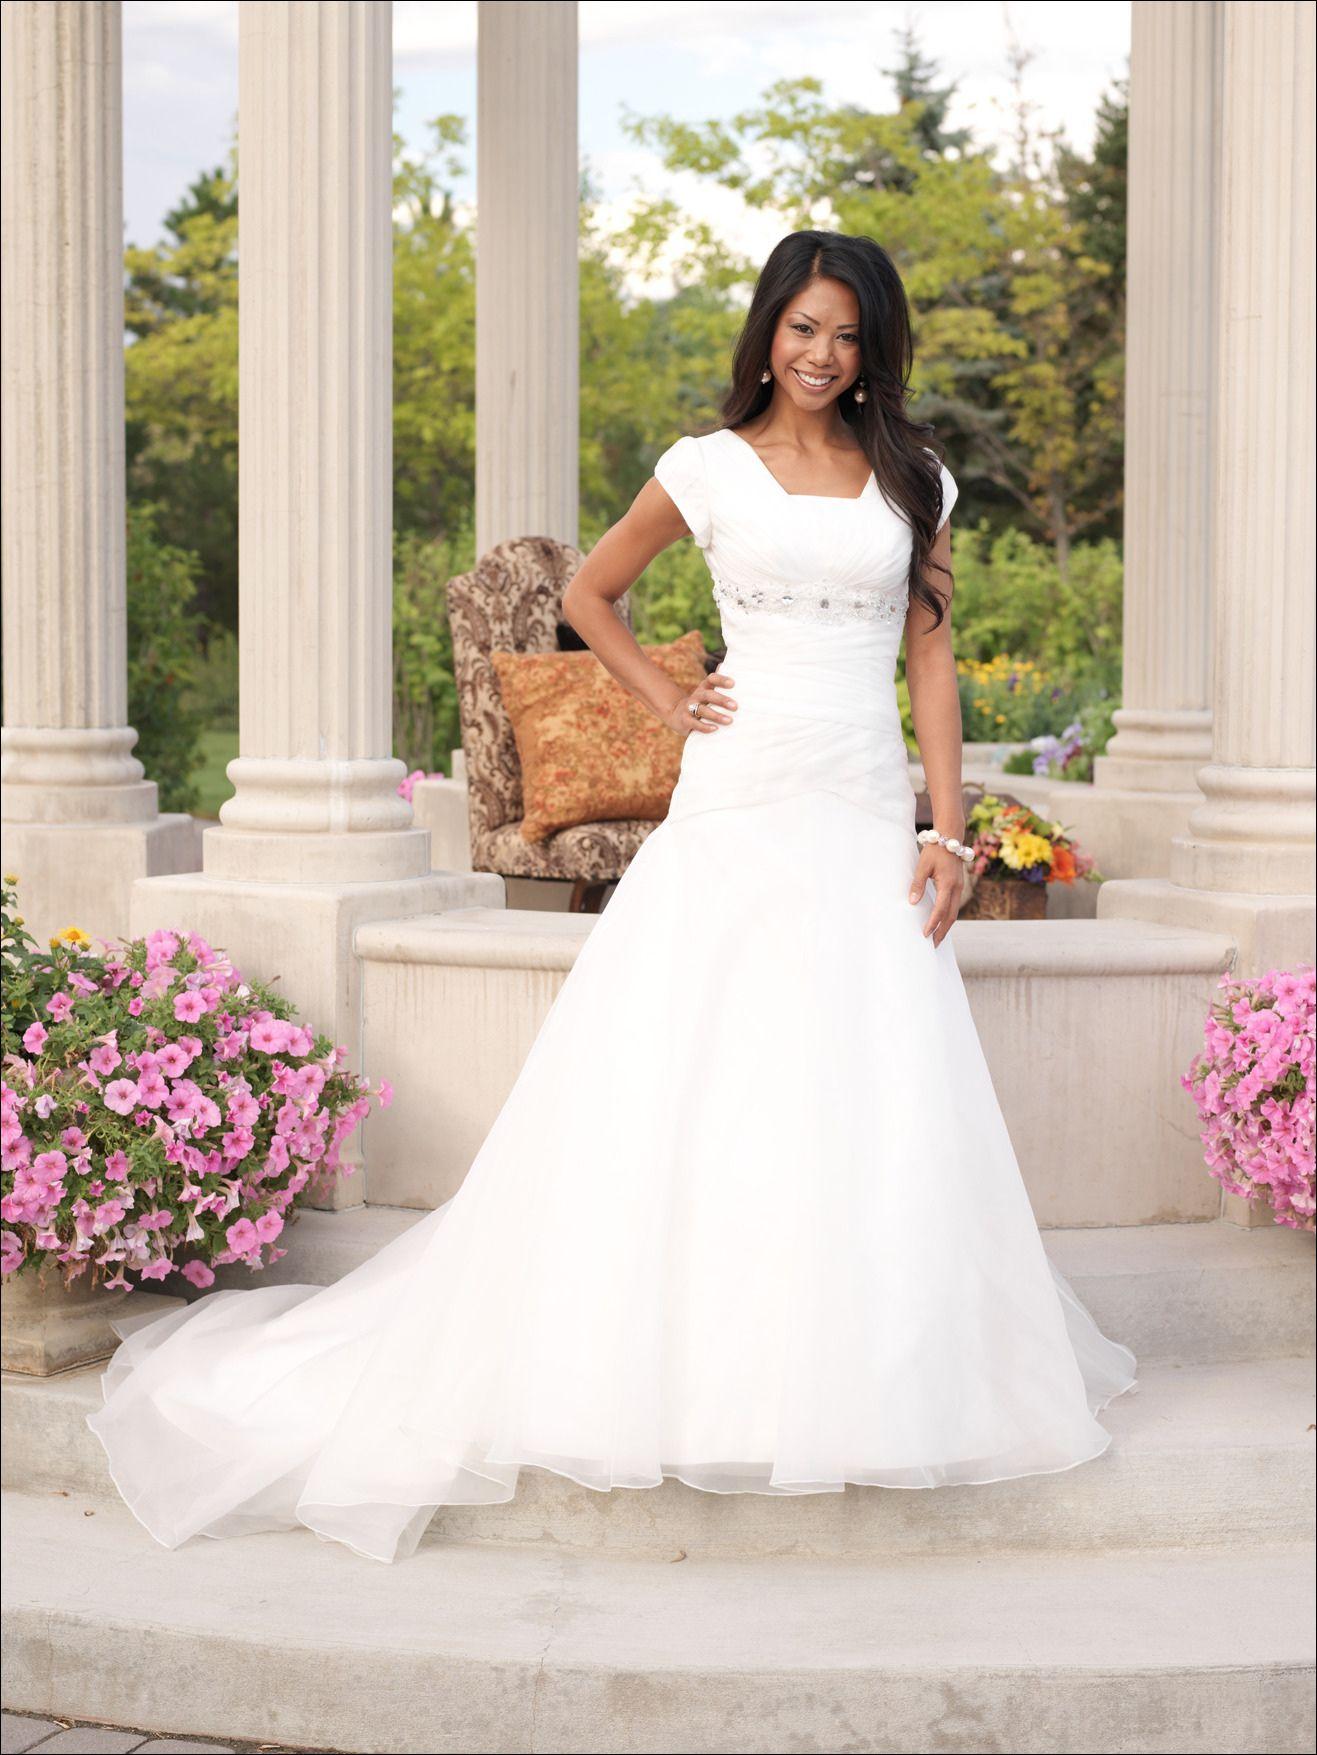 2019 Modest Wedding Dresses Utah - Women\'s Dresses for Weddings ...